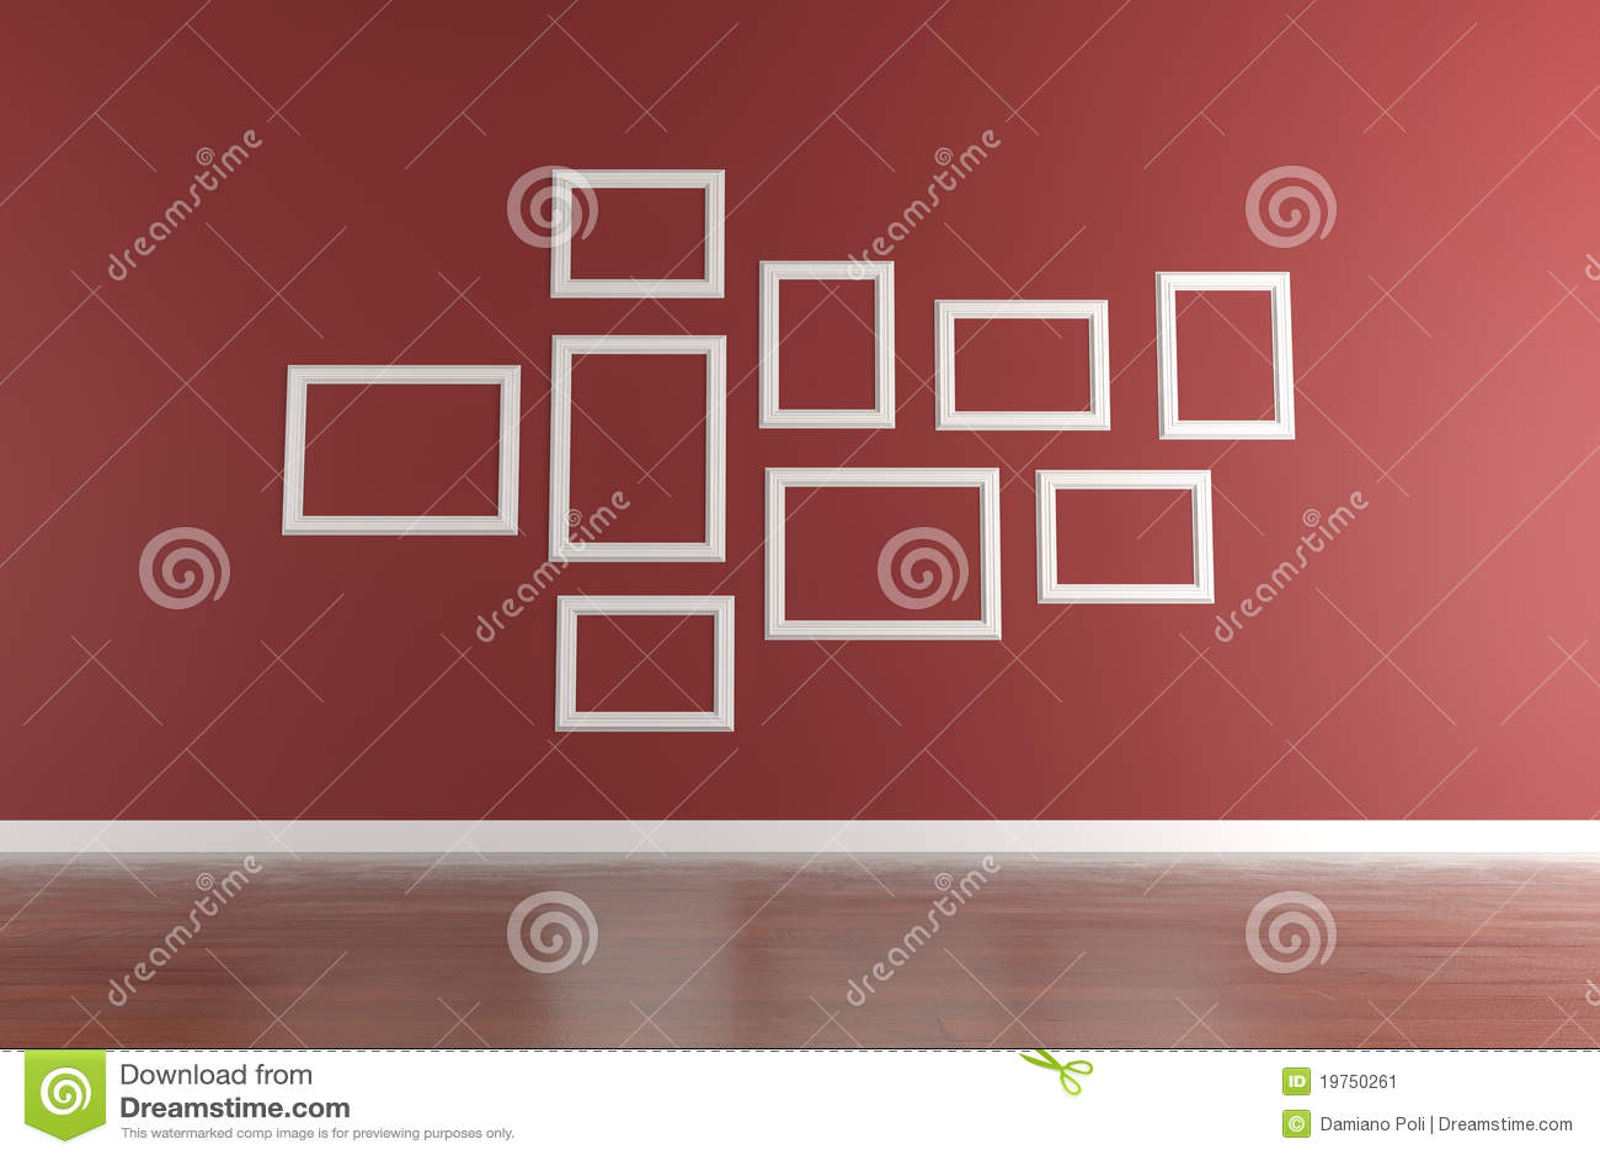 Cornici bianche sulla parete rossa illustrazione di stock for Cornici bianche